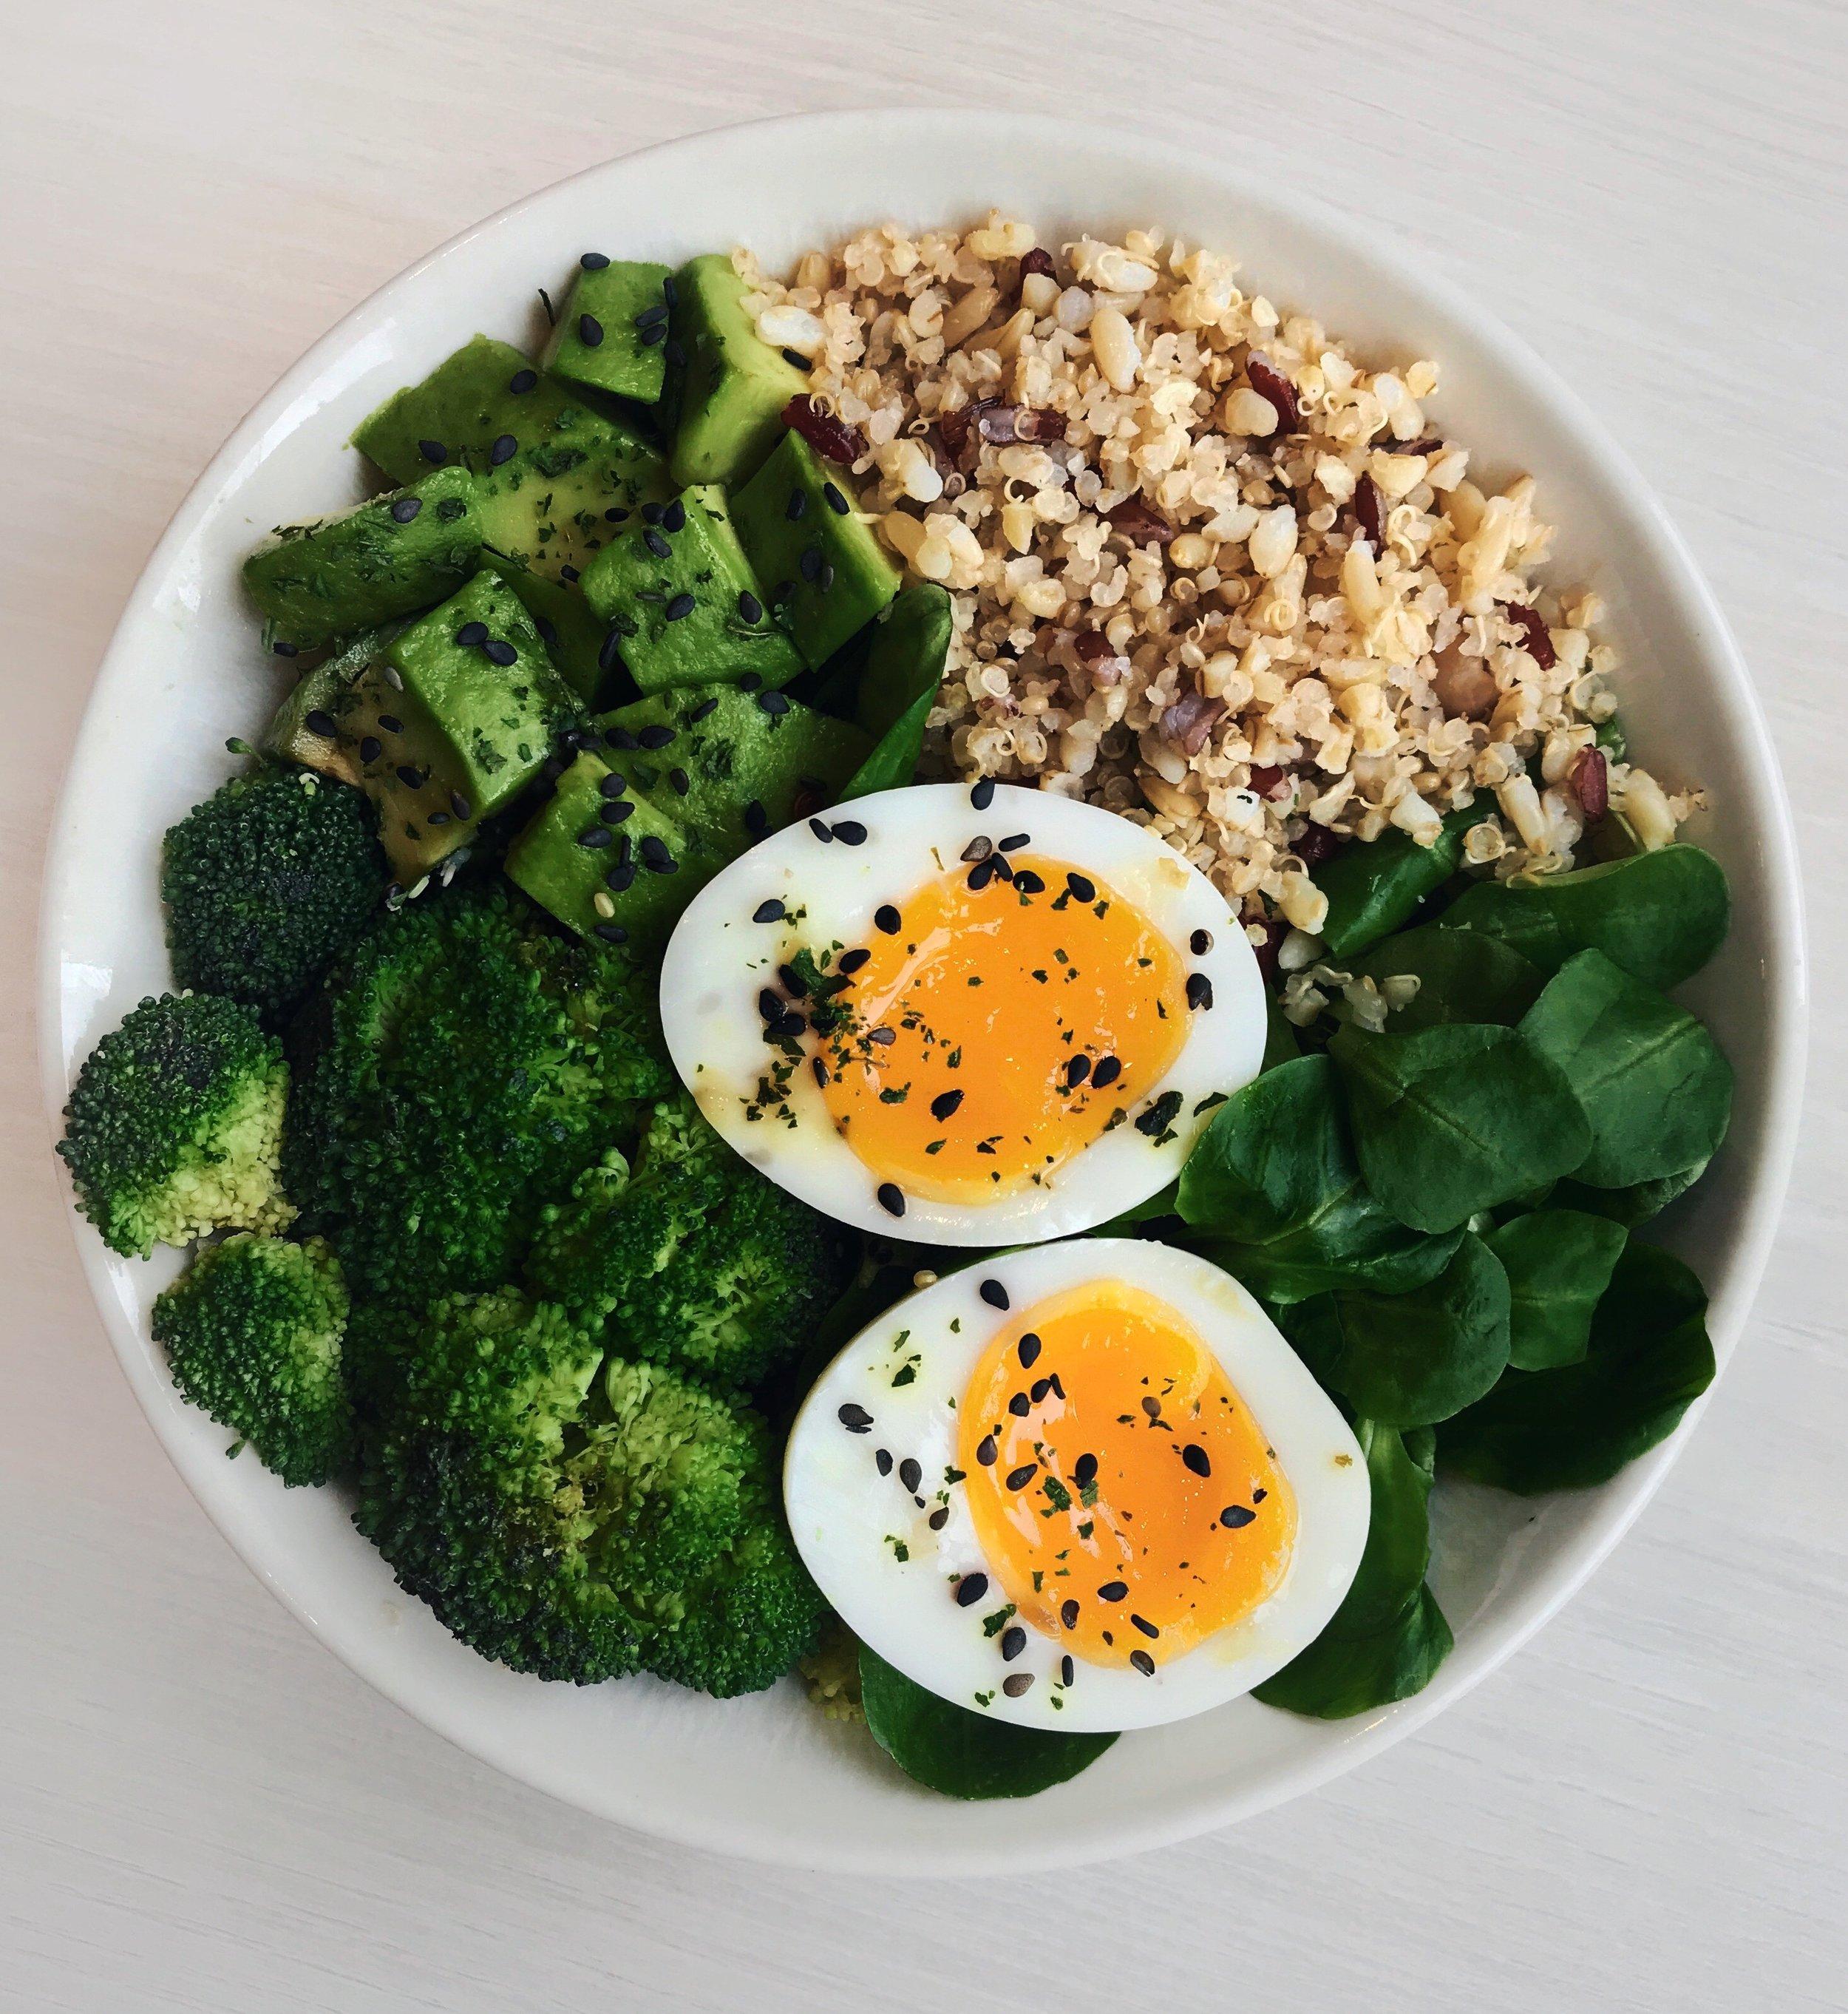 Egg, Quinoa, Avocado & Greens